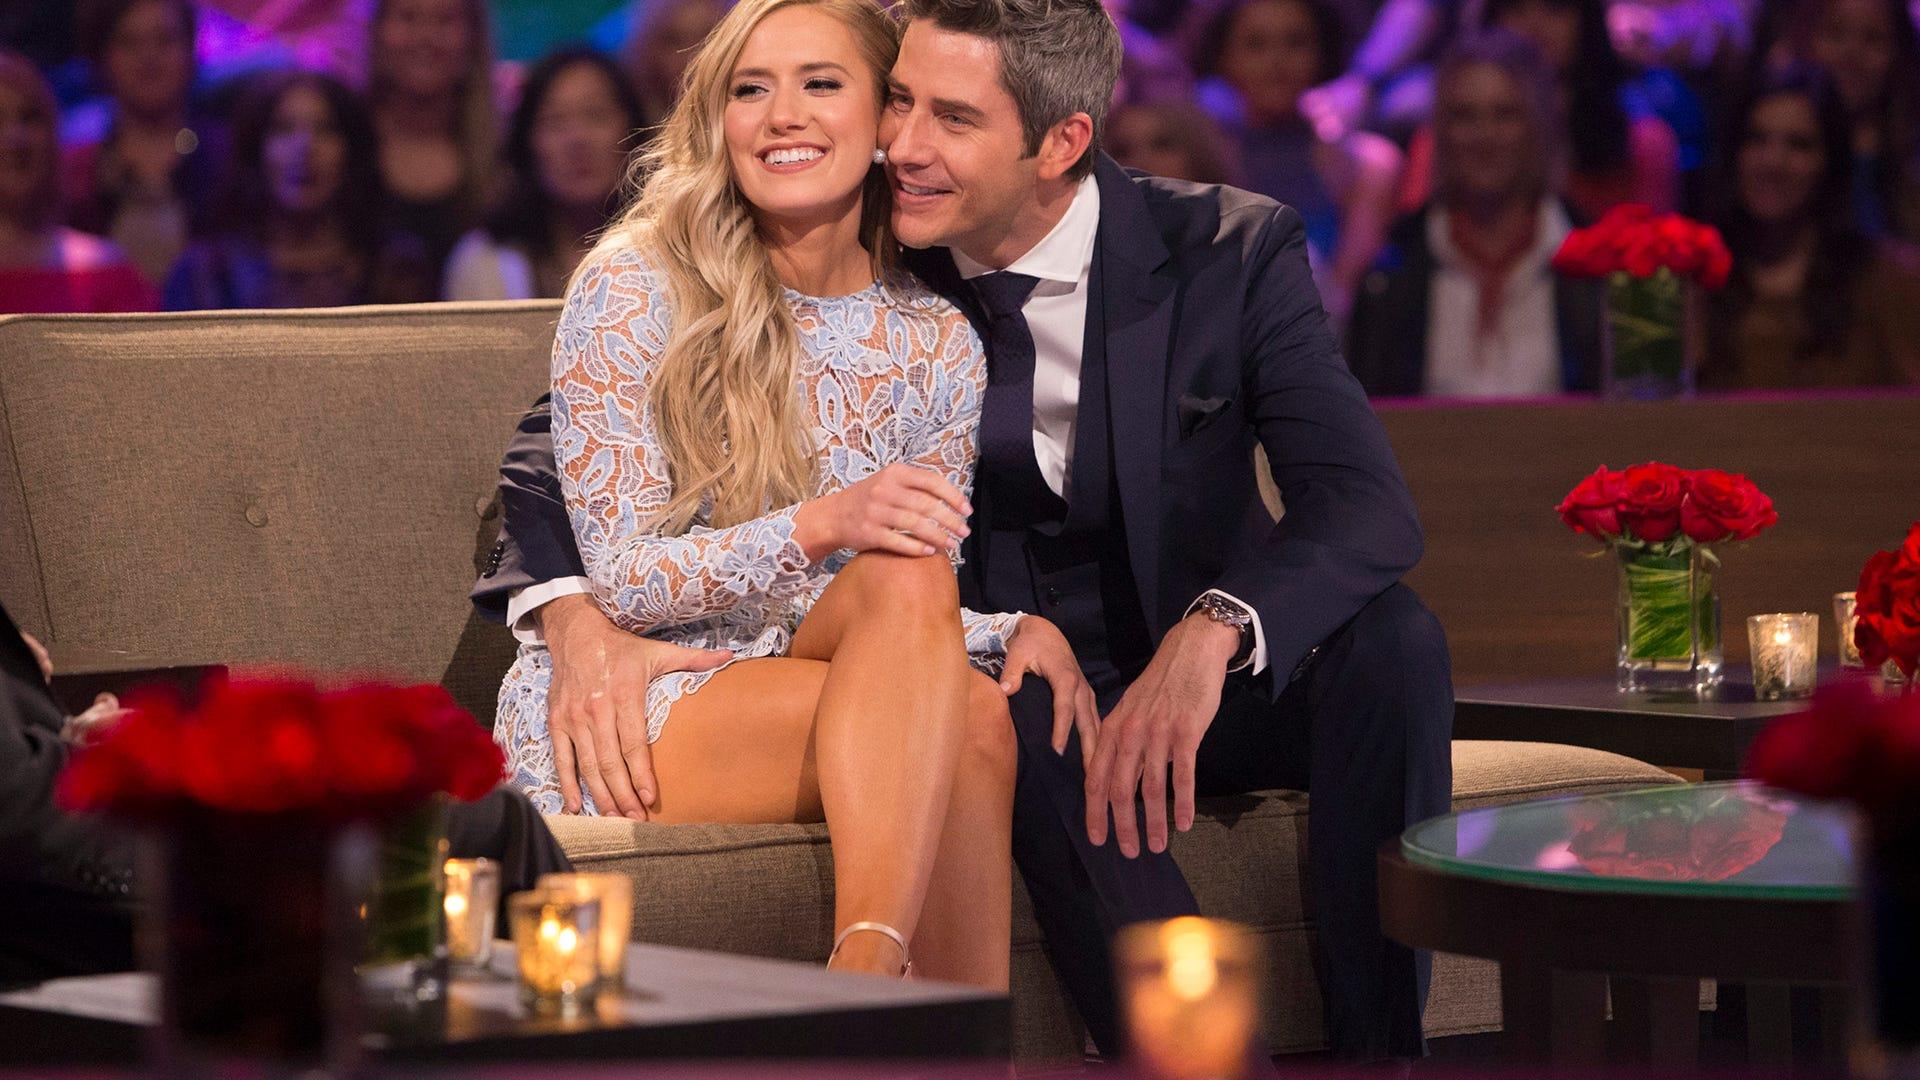 Lauren Burnham and Arie Luyendyk Jr., The Bachelor